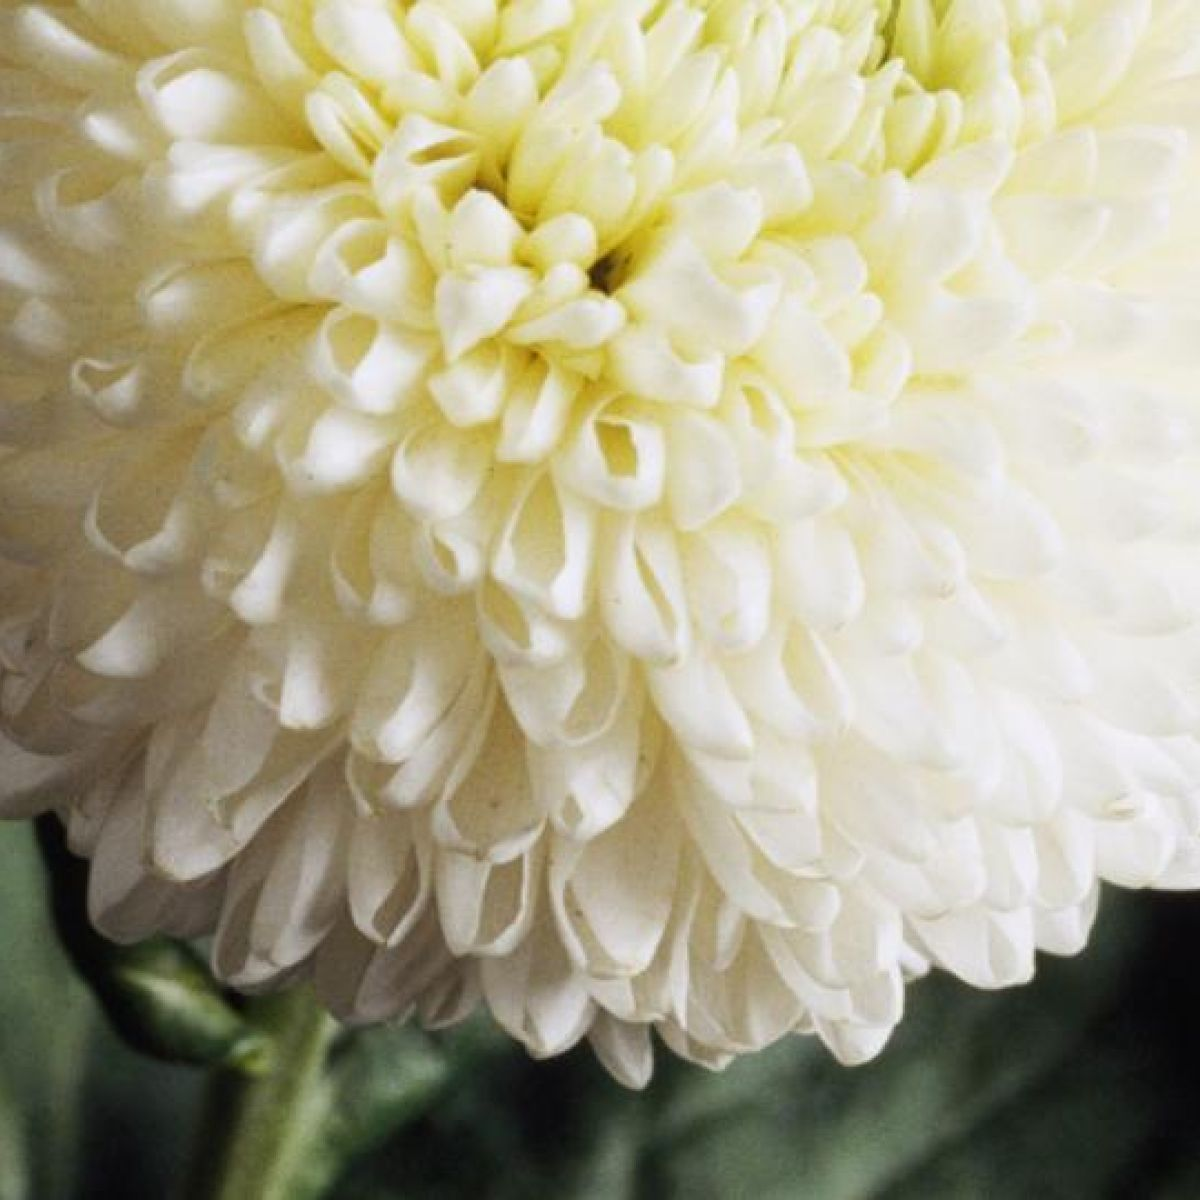 Chrysanthemums The Word A Flower In Need Of Nurture